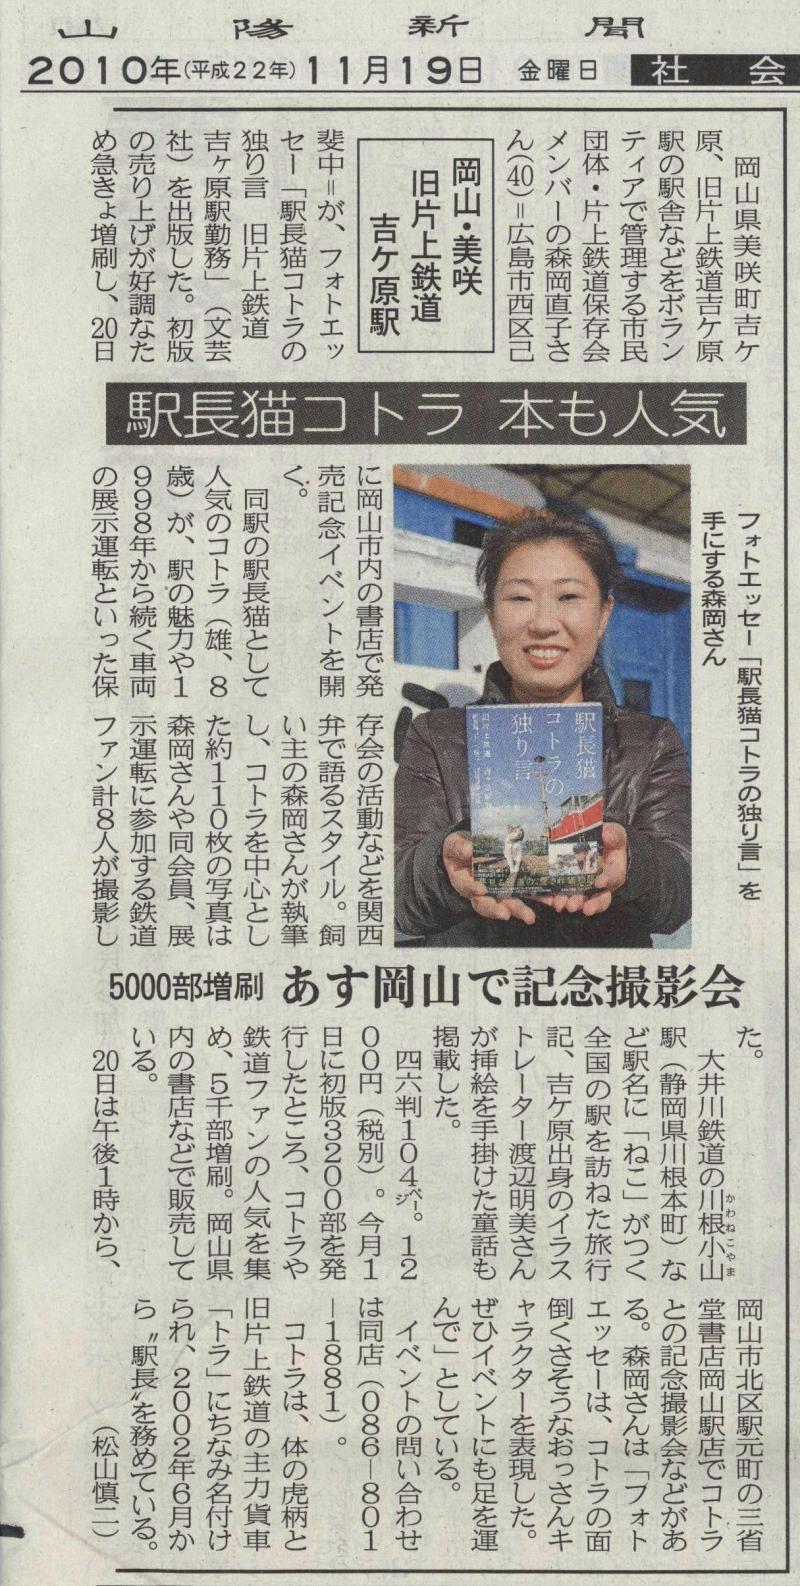 駅長猫コトラの独り言~旧 片上鉄道 吉ヶ原駅勤務~-2010年11月19日山陽新聞